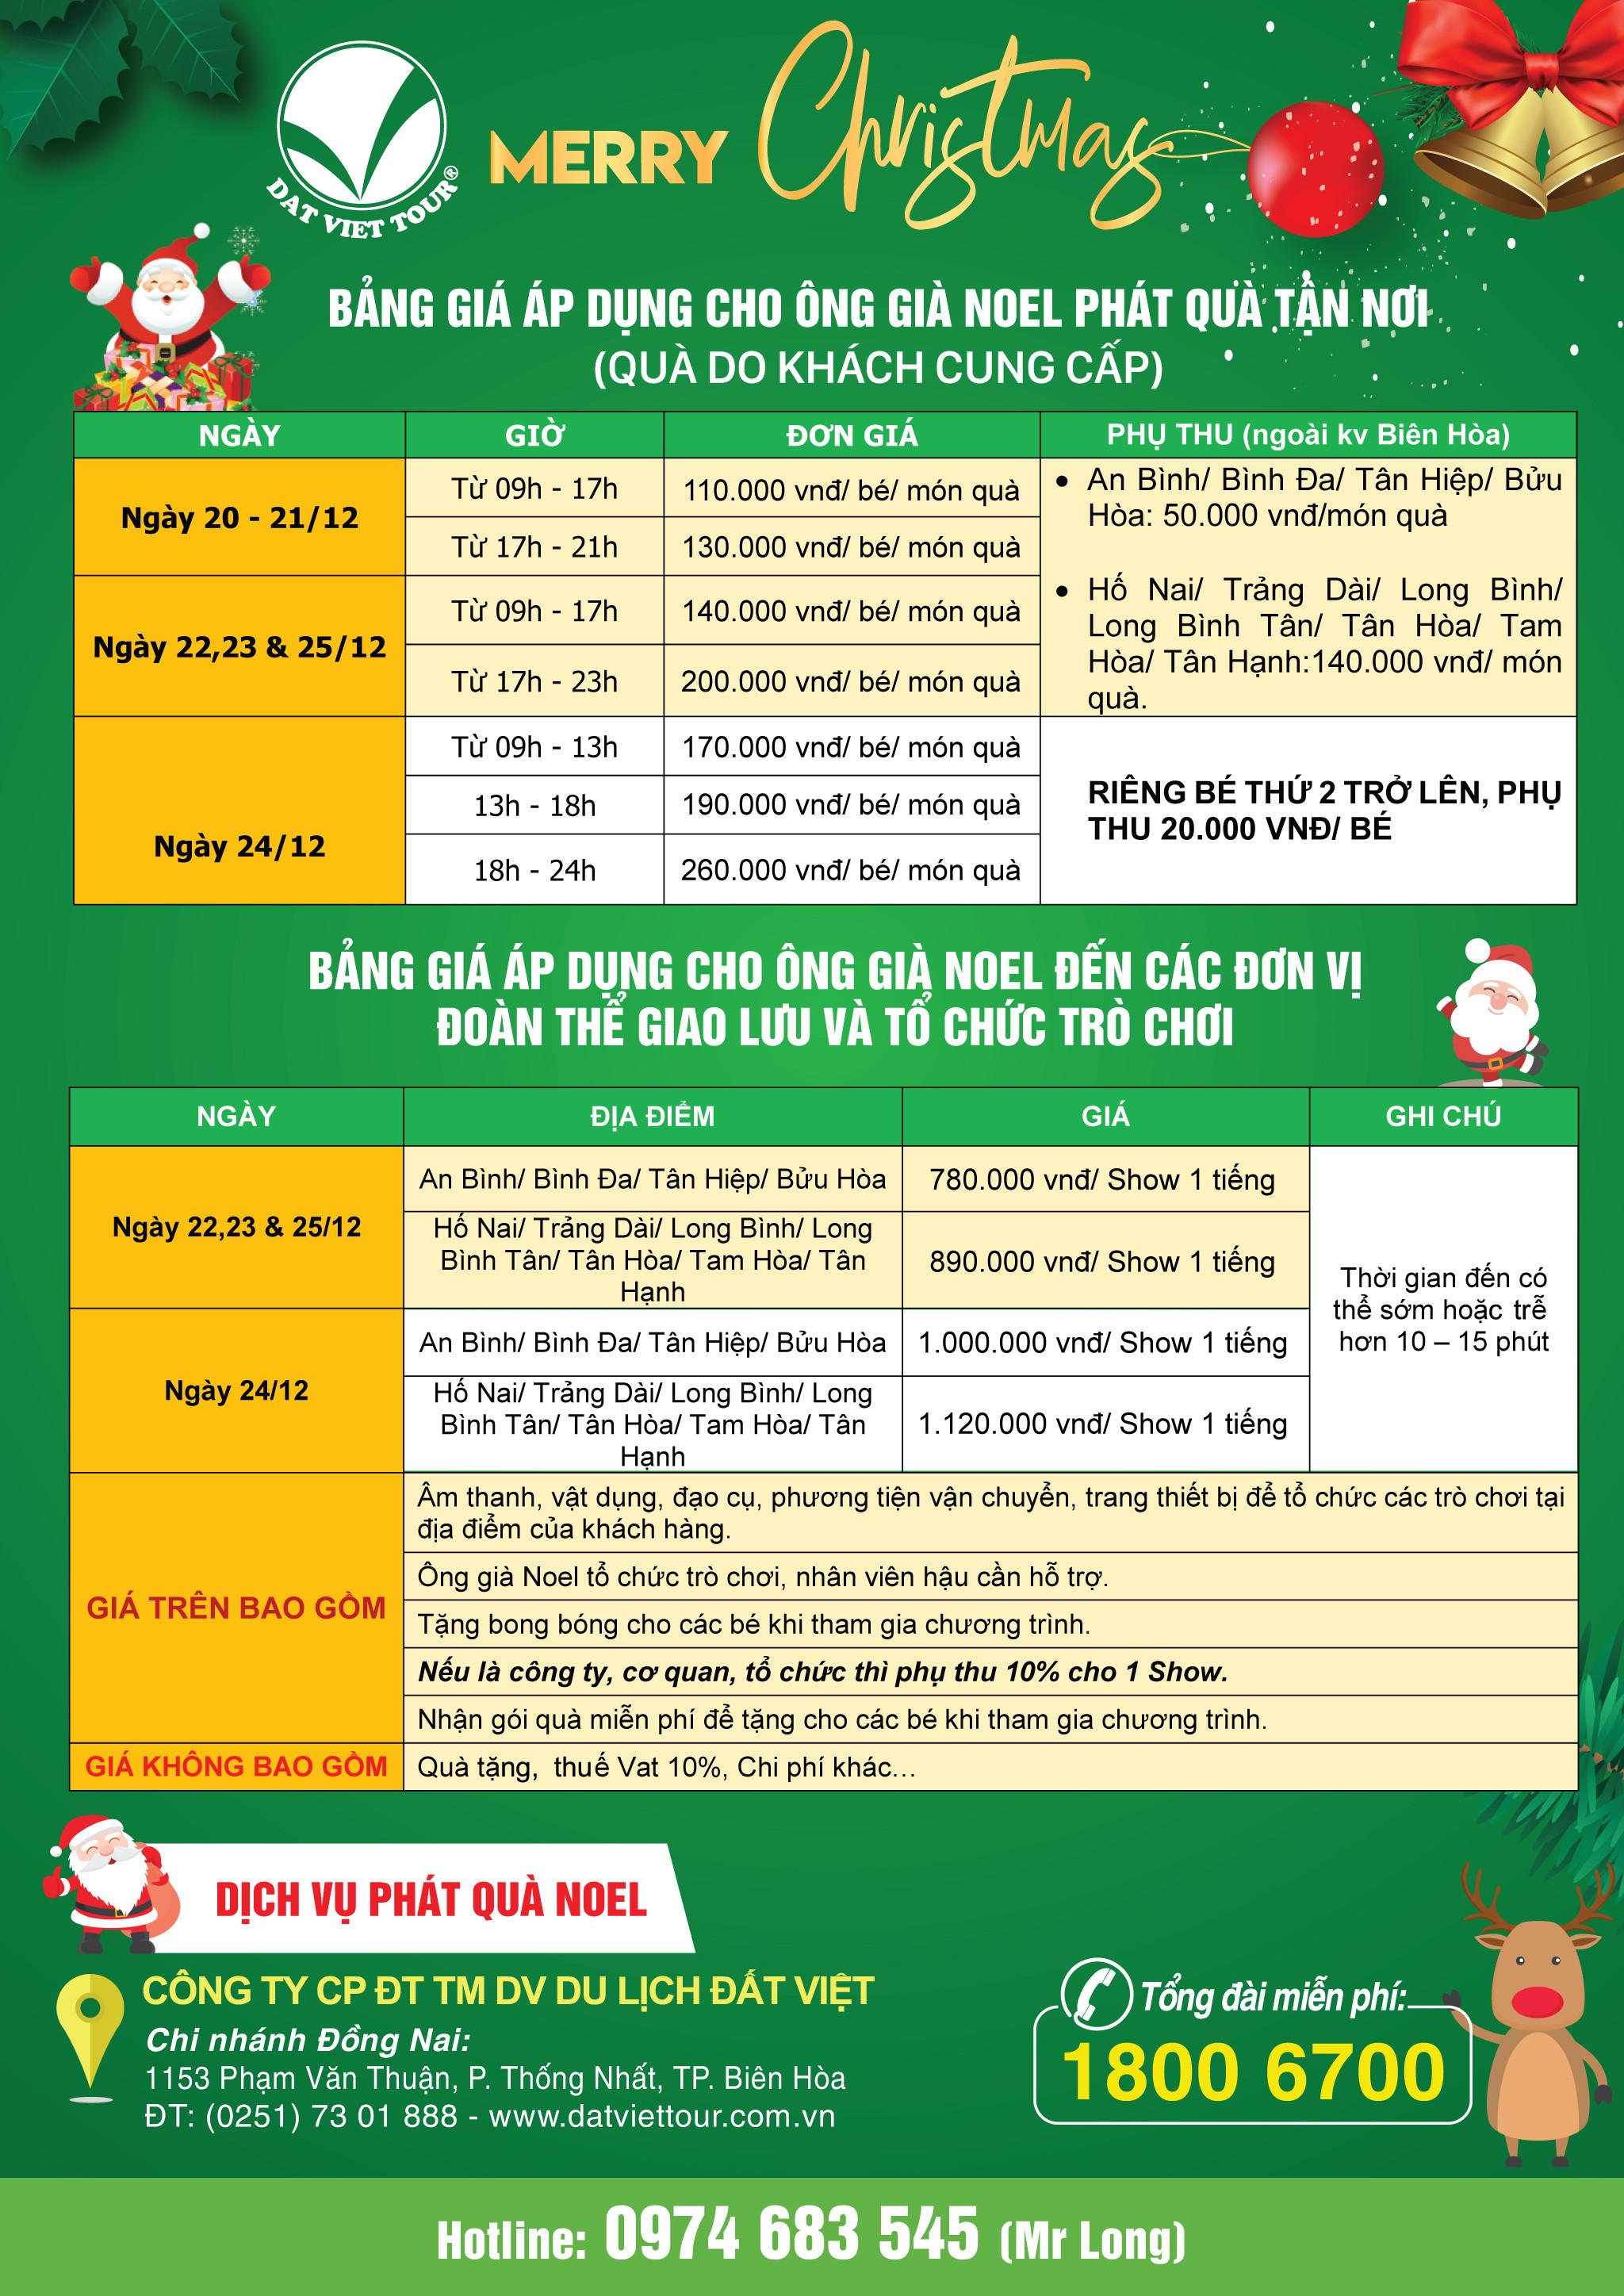 Giáng sinh ấm áp cùng dịch vụ trao quà Noel của Đất Việt Tour - ảnh 6